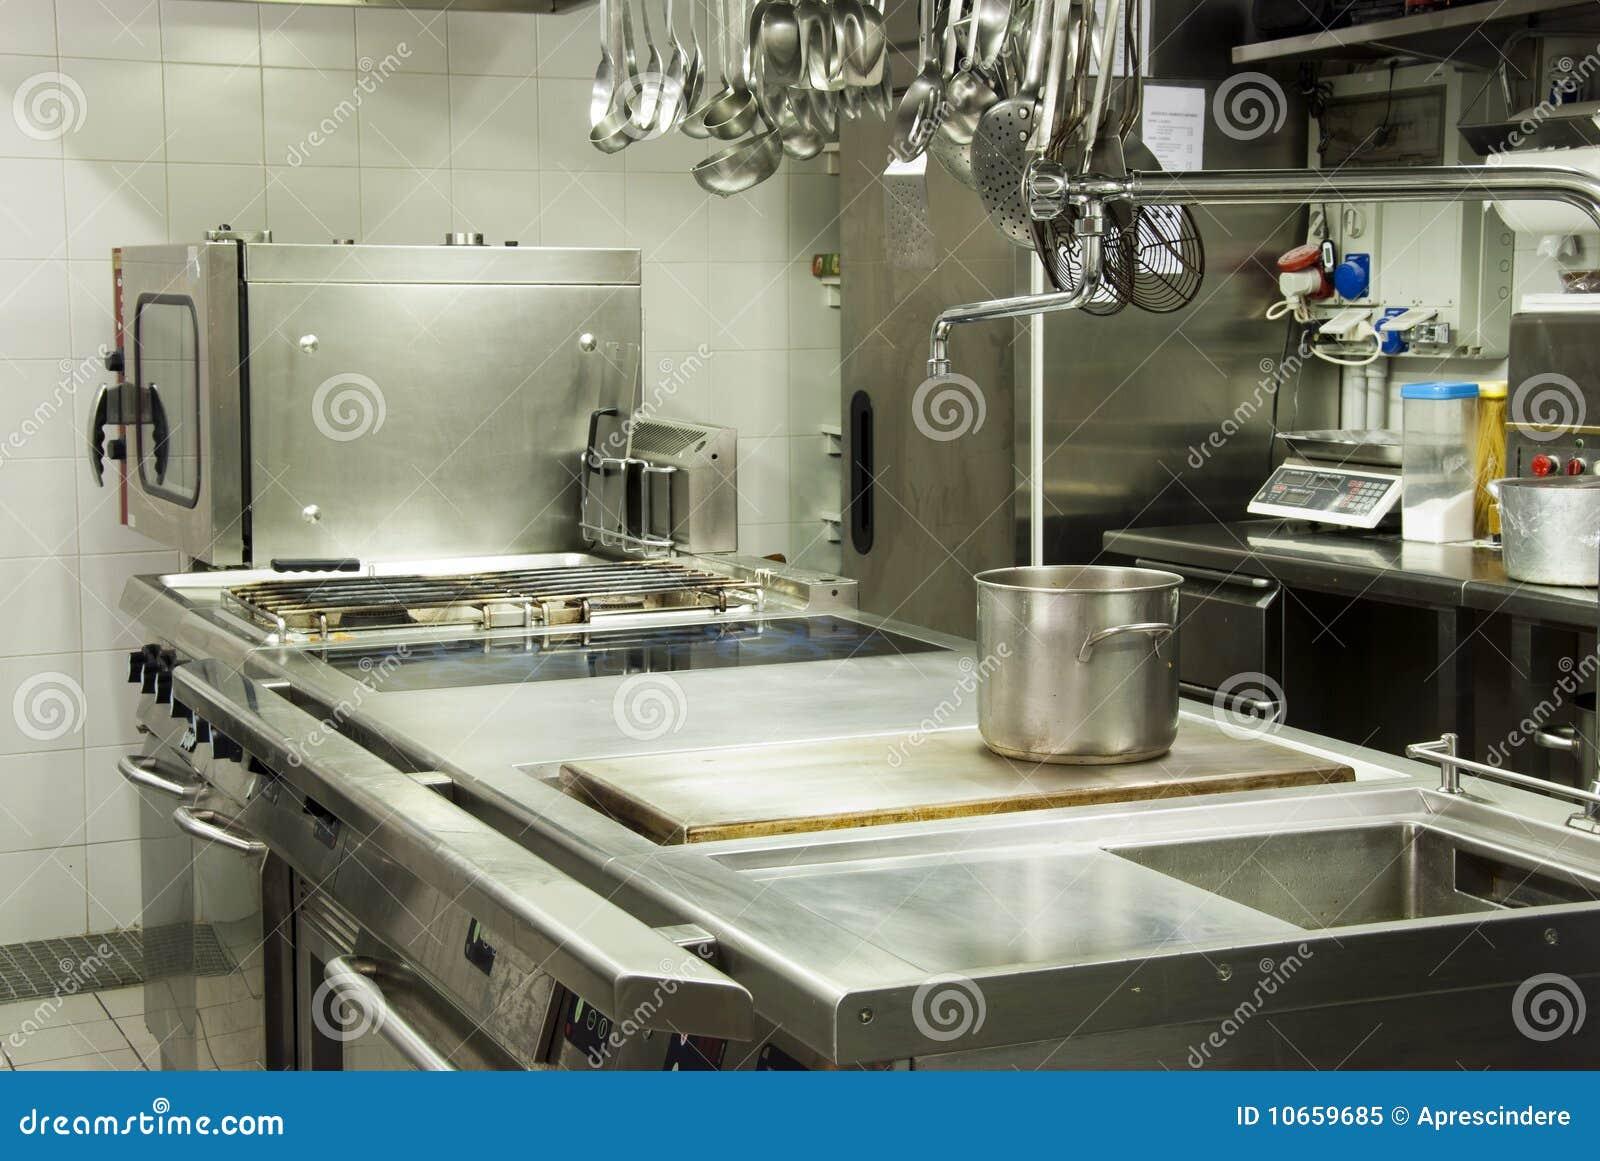 Modern hotel kitchen